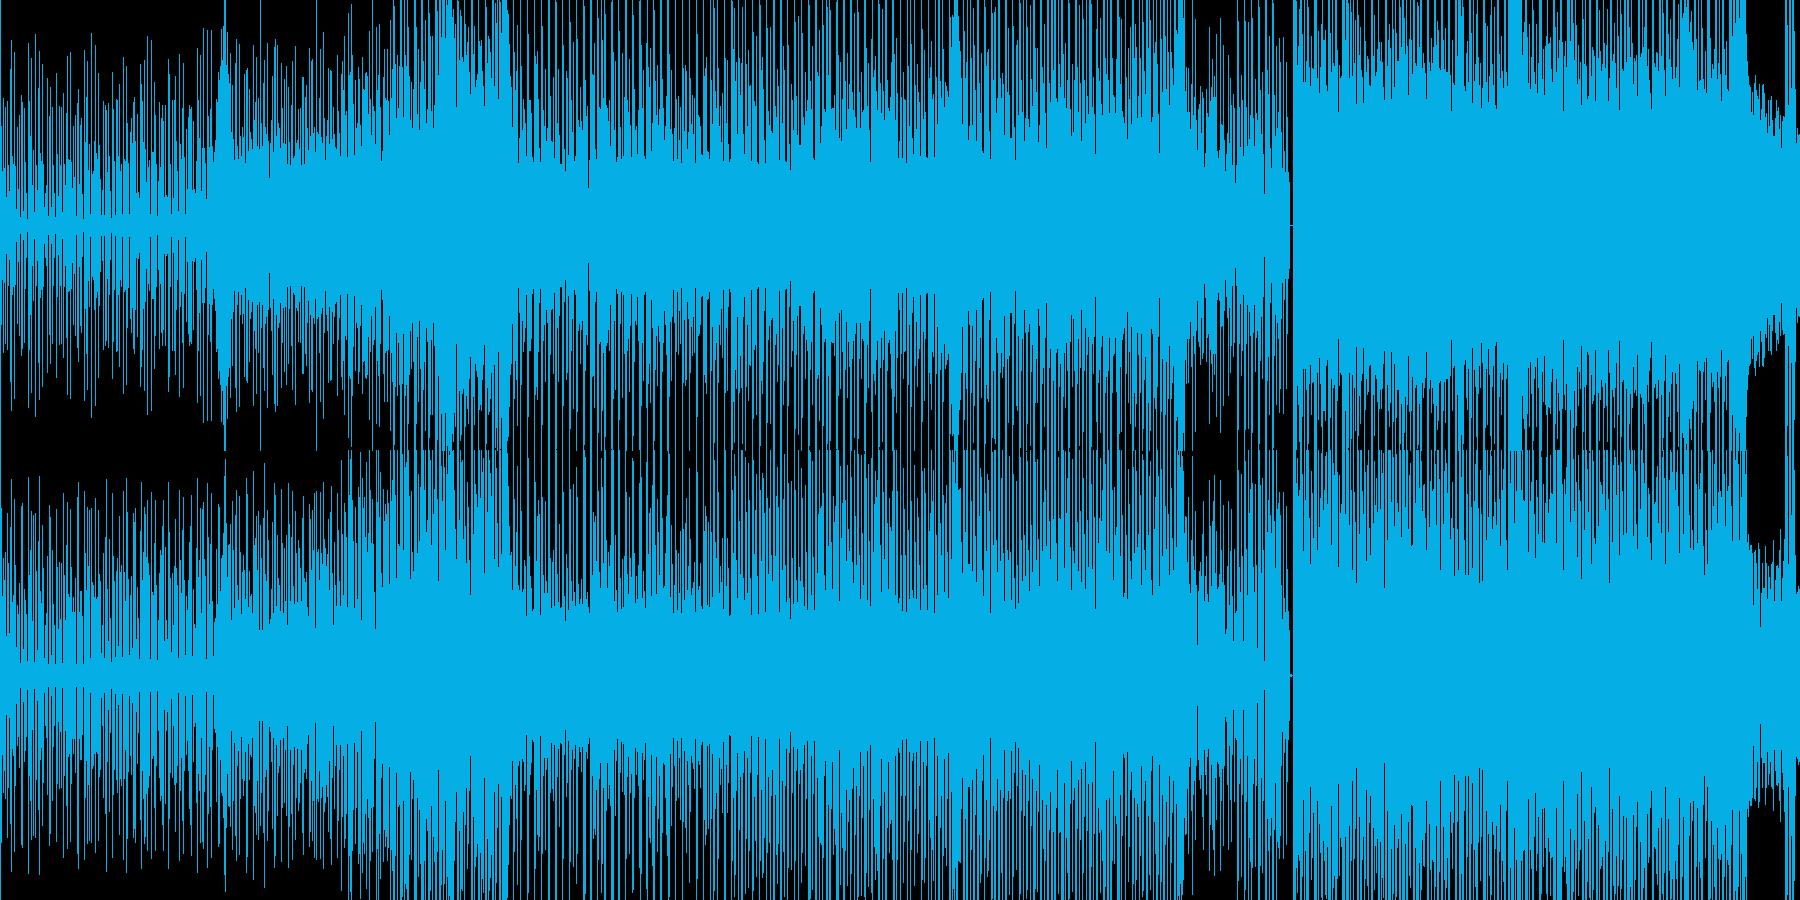 ループ■ピコピコに笛が絡むテクノポップの再生済みの波形